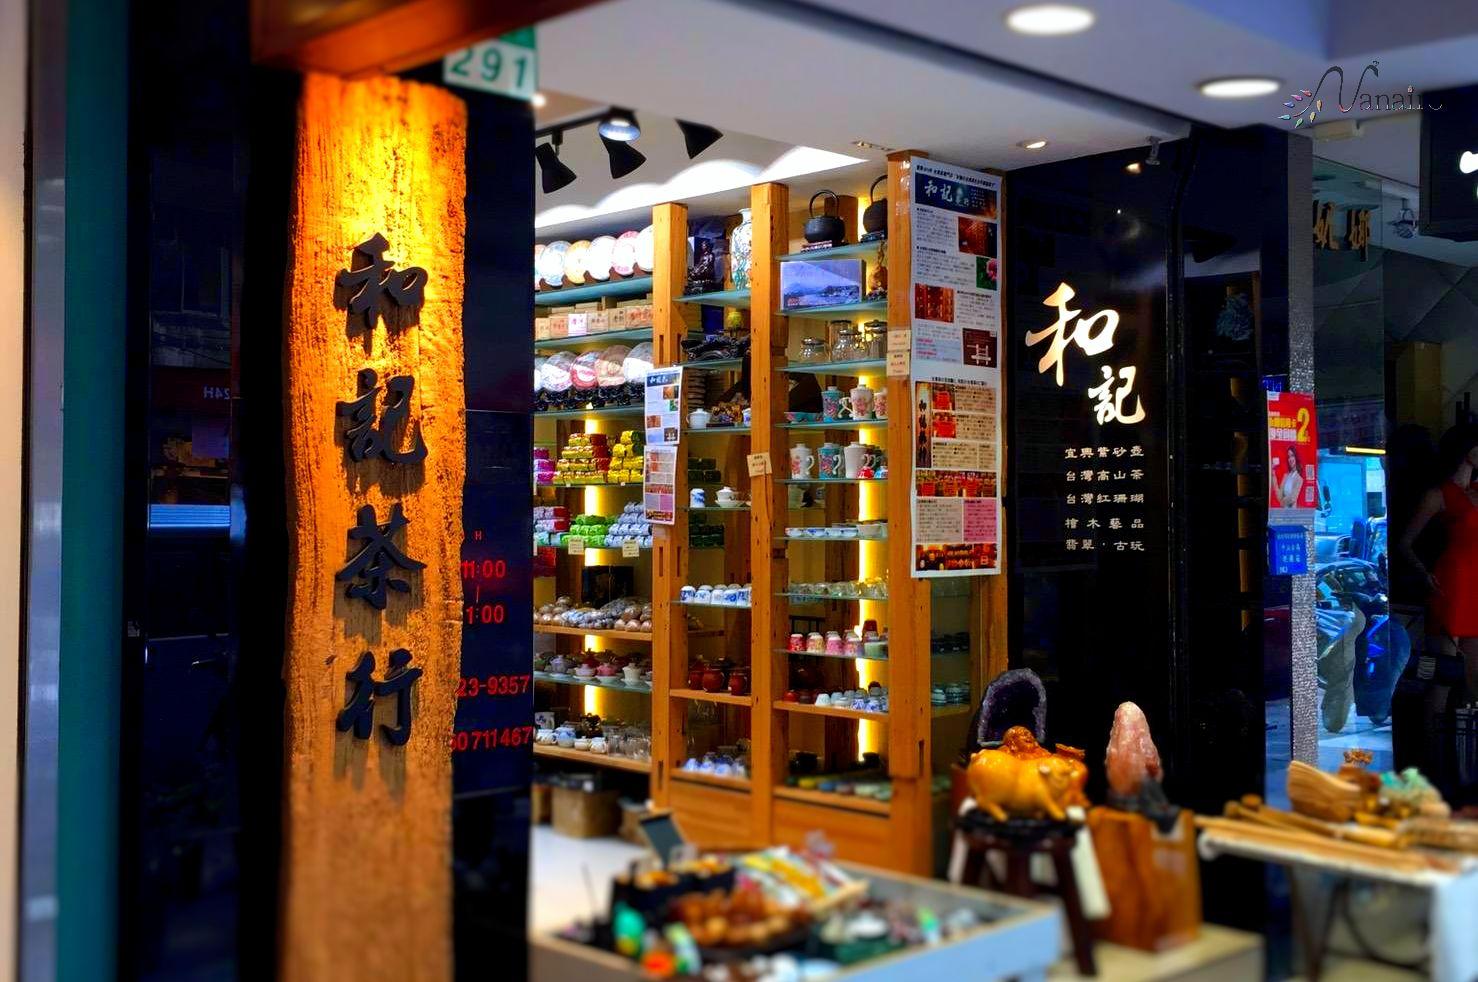 台湾茶と骨董品の専門店「和記」|気になる高級茶と骨董品を紹介